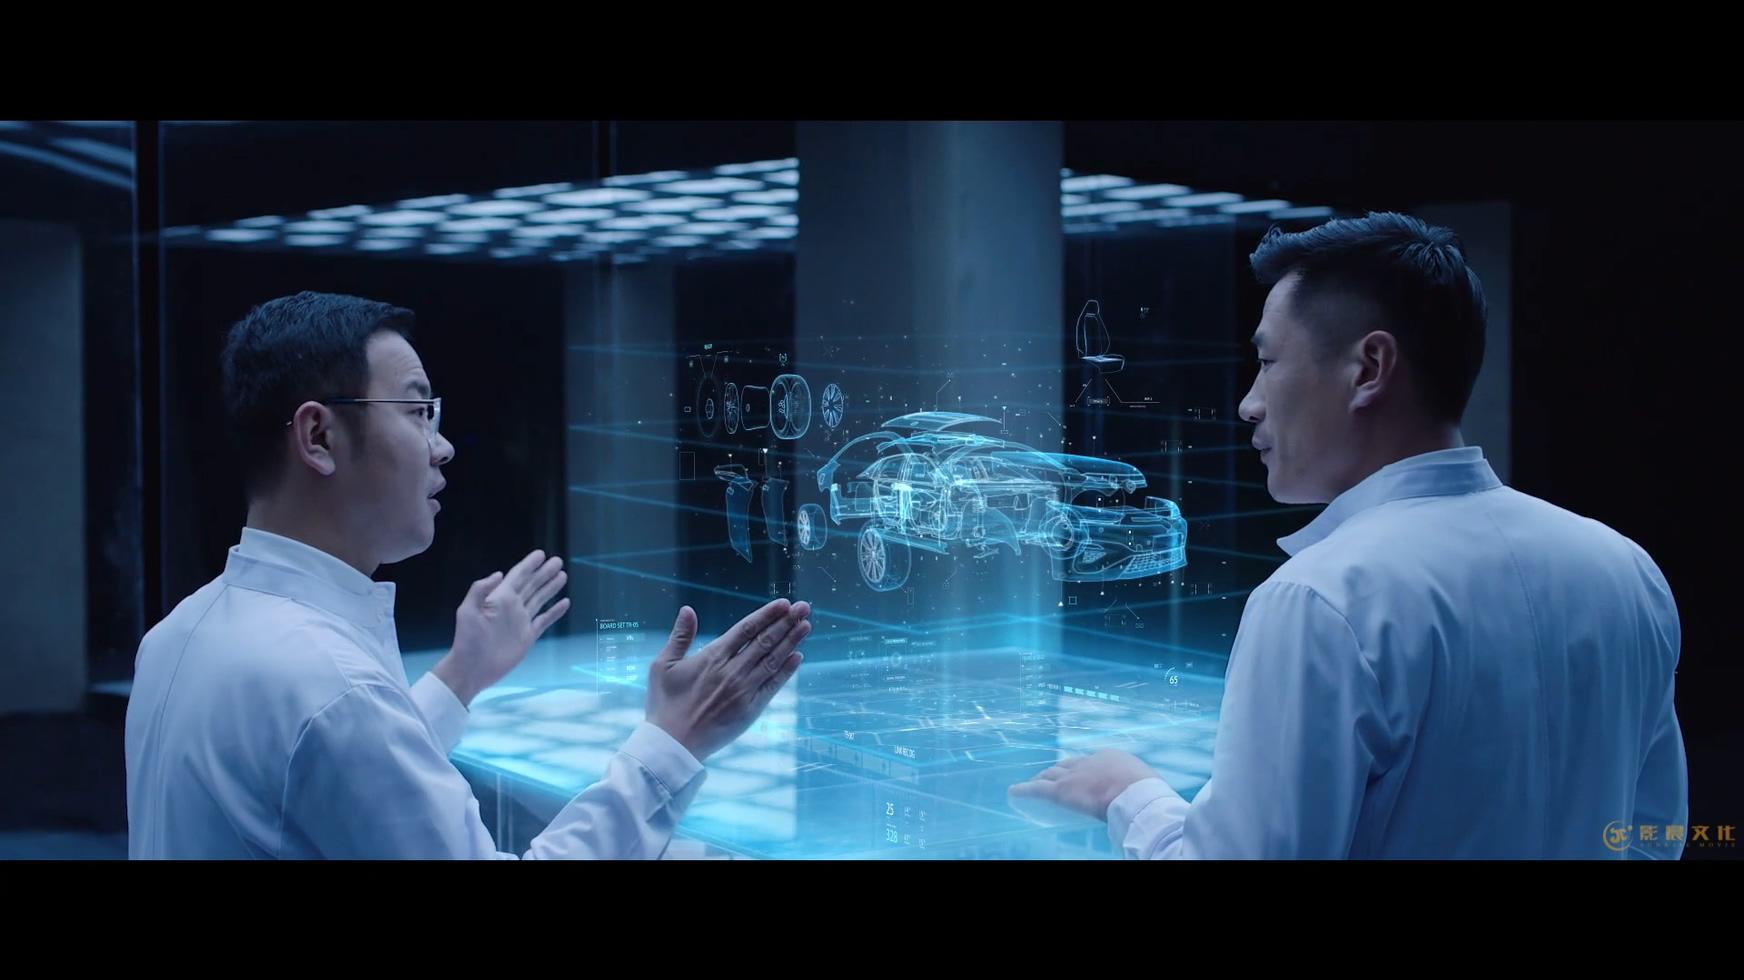 广汽新能源智能生态工业三维动画-真人与动画结合